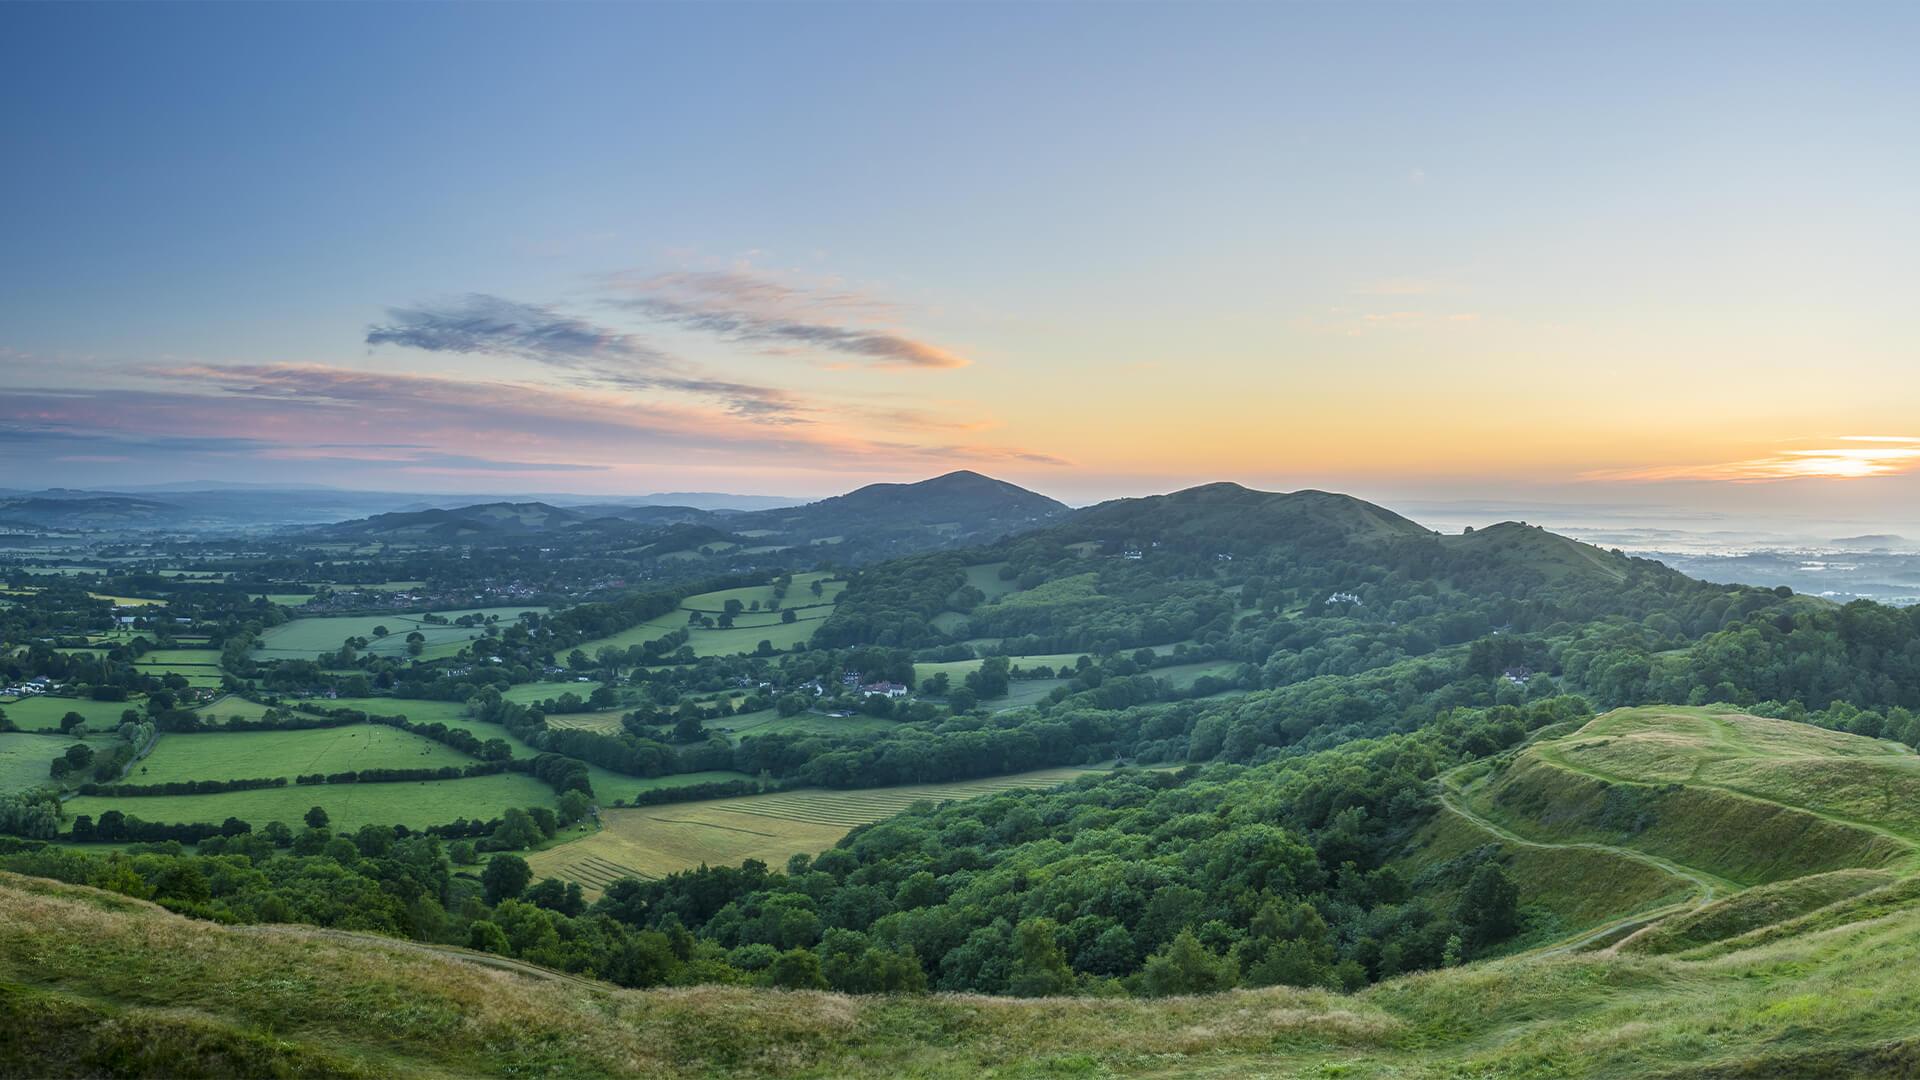 Malvern Hills in Worchesterhire